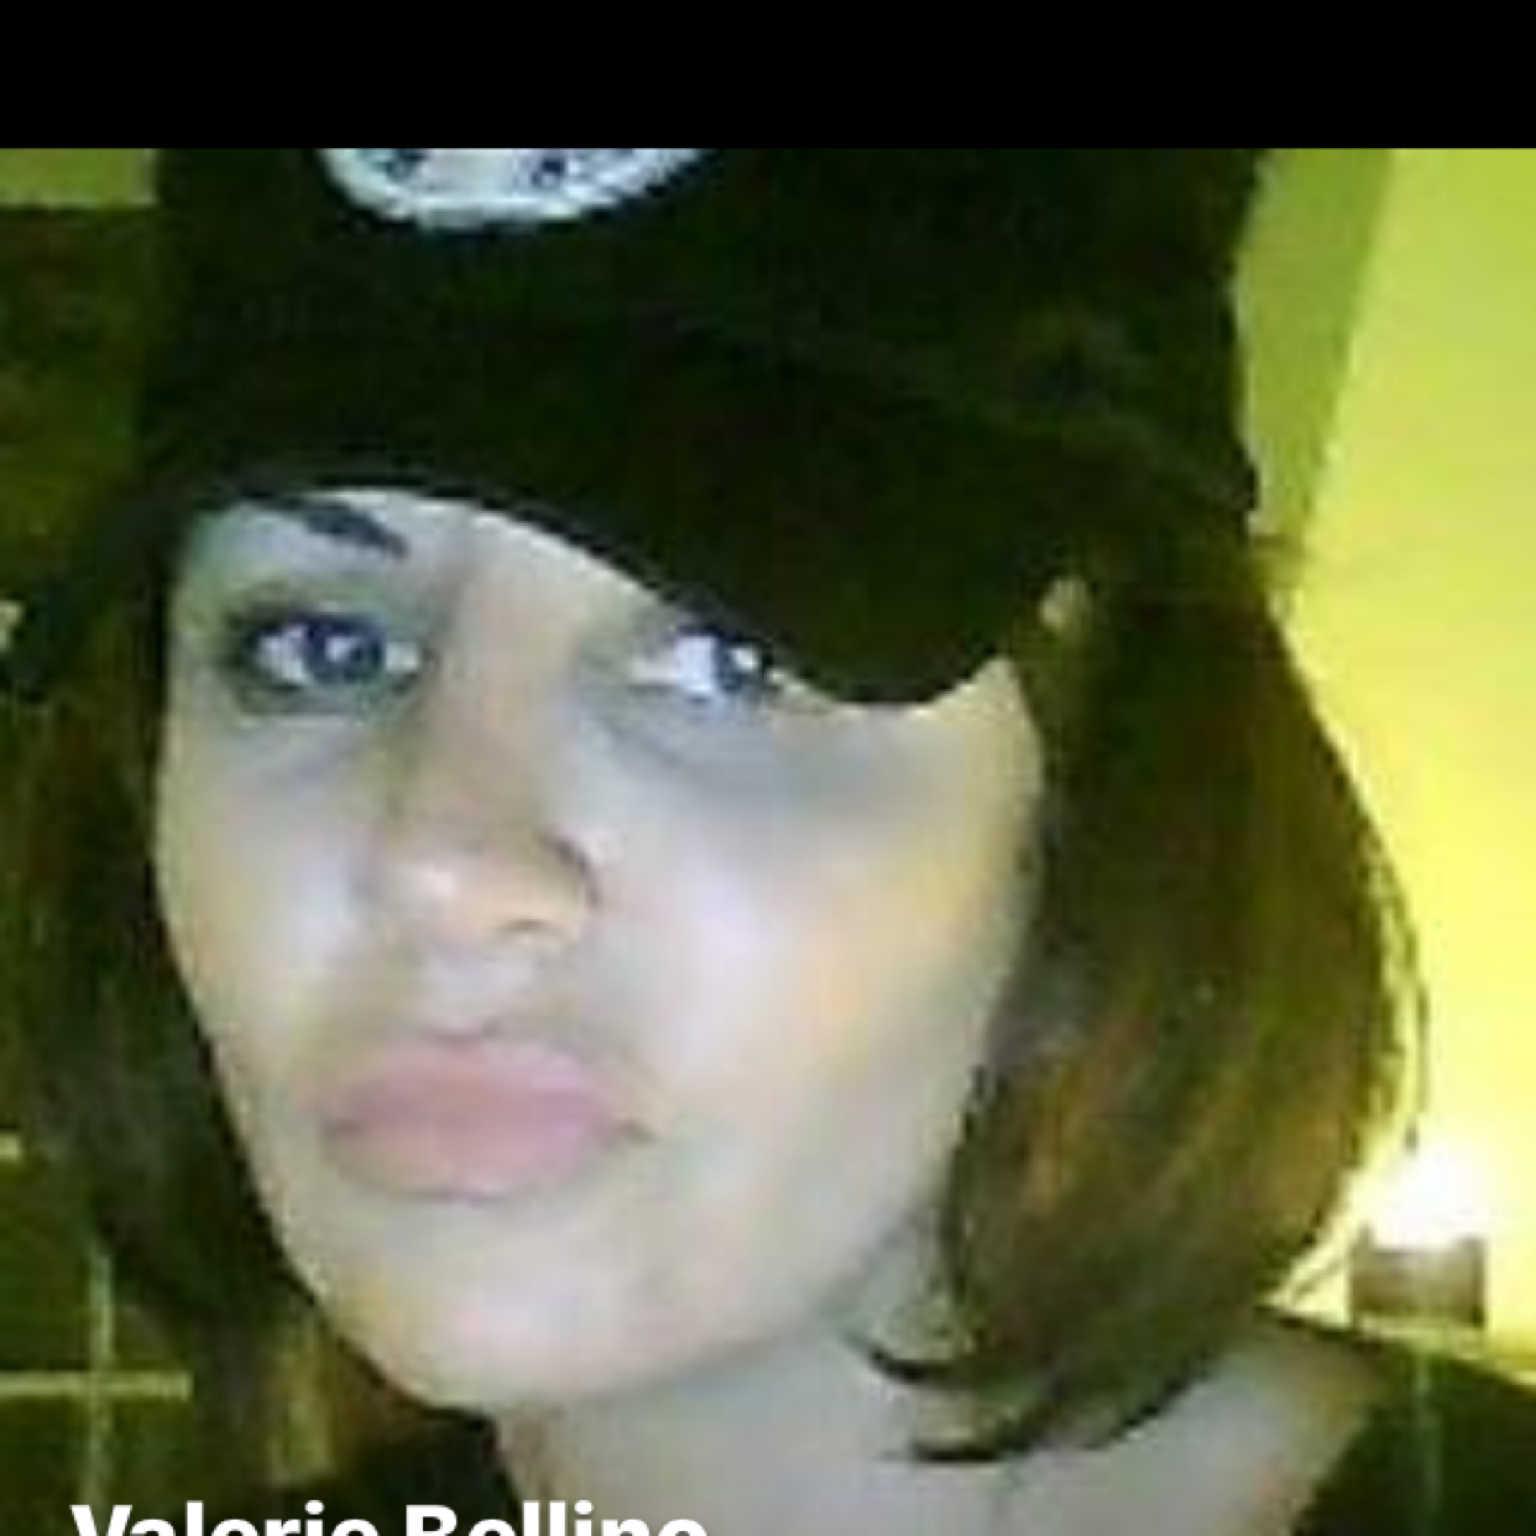 Valerie Bellino